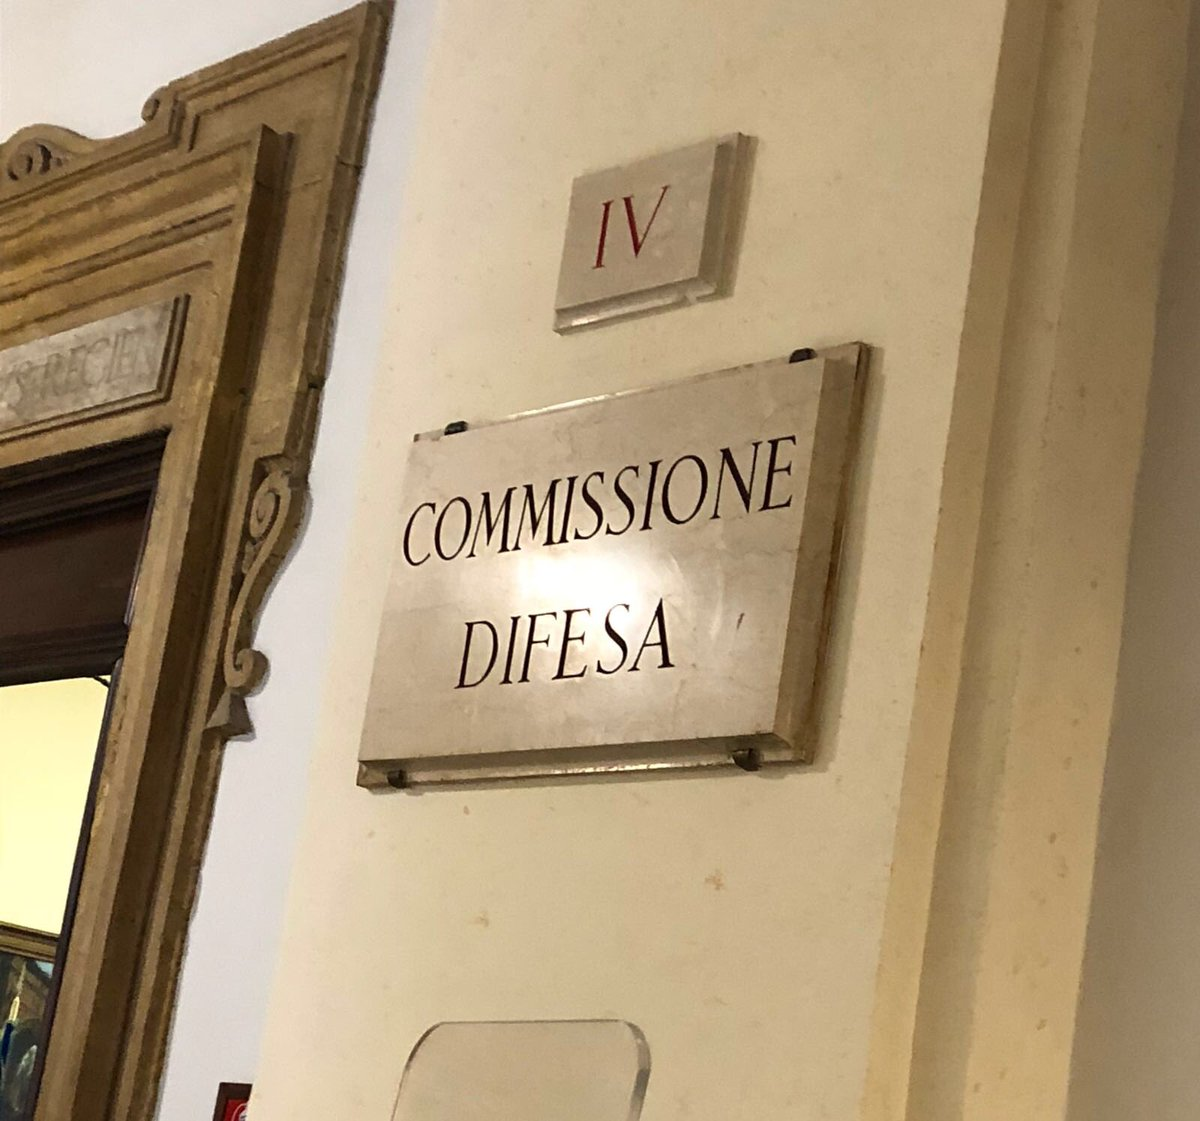 Finalmente #Commissioni istituite|Adesso si entra ancor più nel pieno del tanto,tantissimo lavoro che c'è da fare| #Stato è #difesa |  - Ukustom